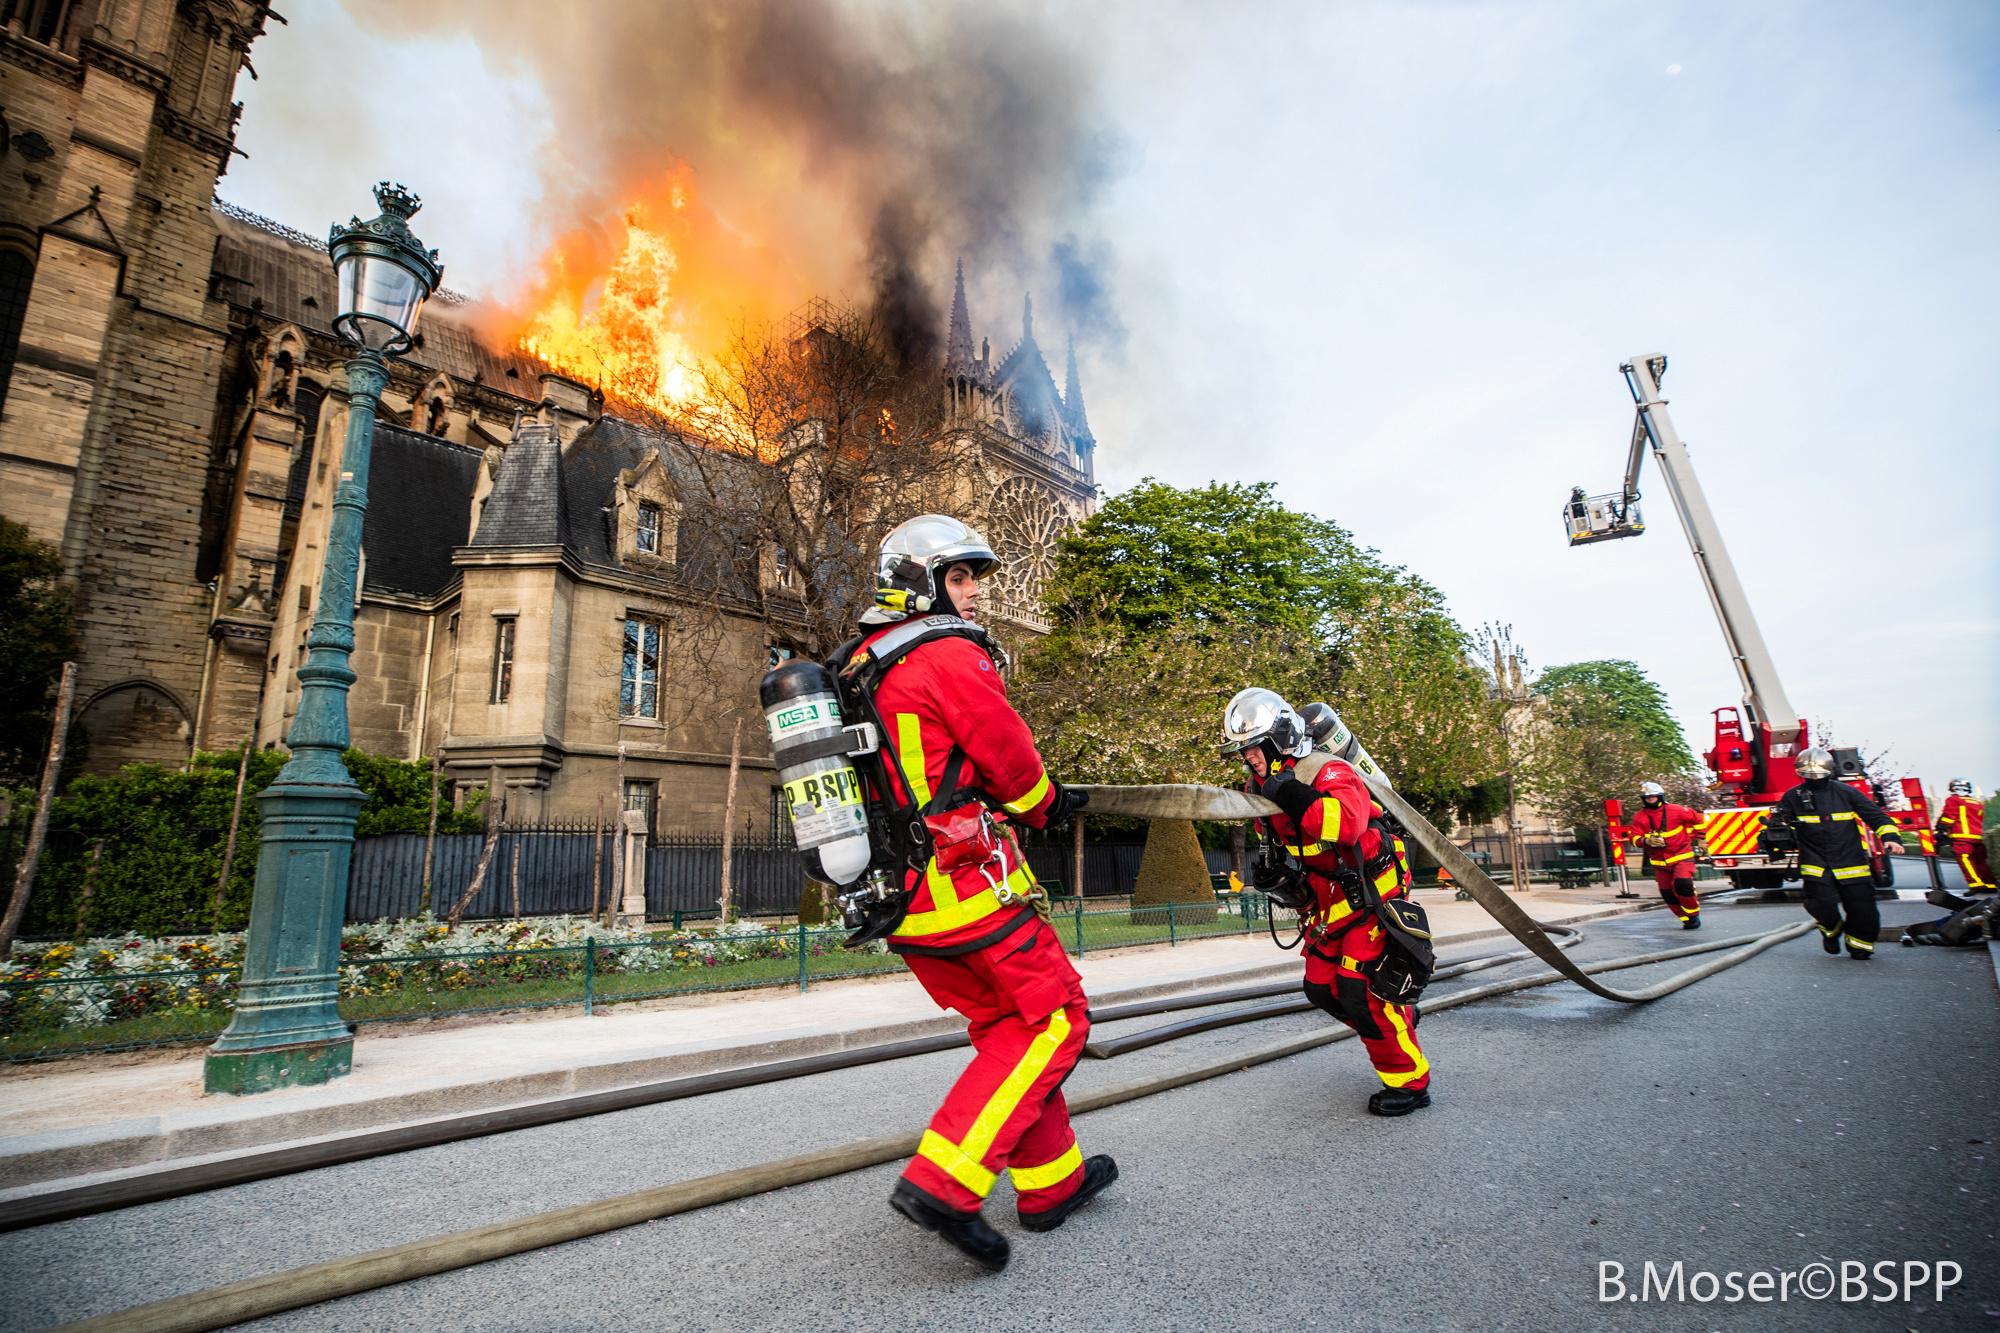 جهود رجال الإطفاء لانقاذ الكاتدرائية (4)